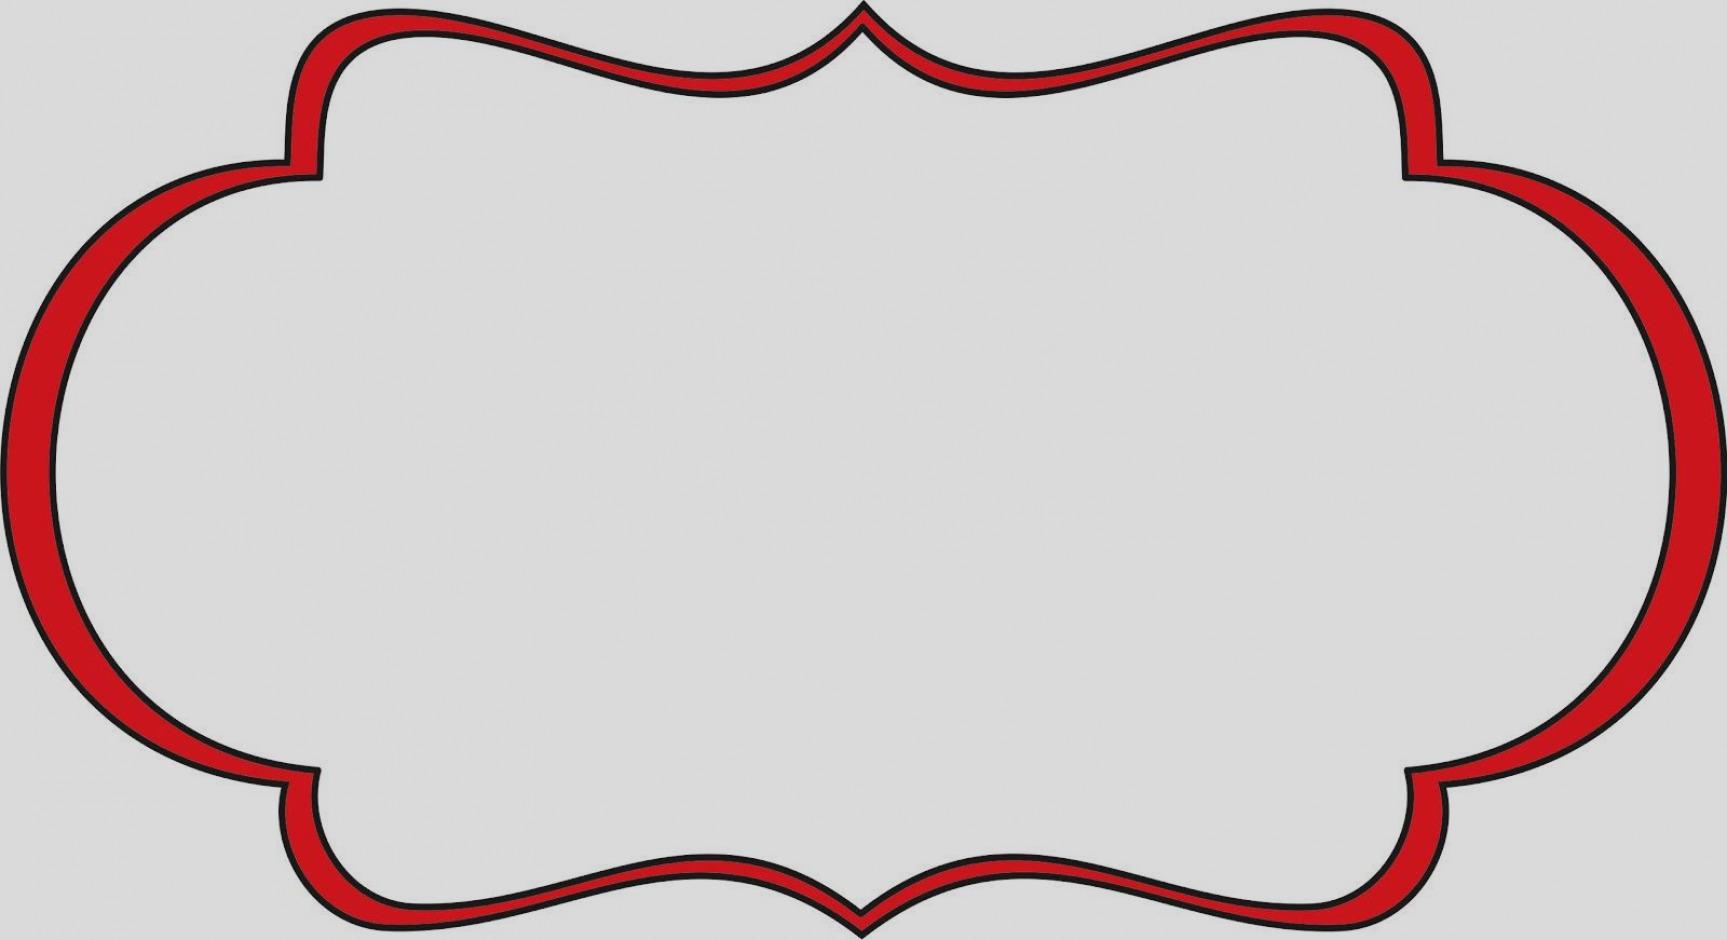 1727x940 Elegant Dr Suess Clip Art Free Seuss Printables View Larger Image